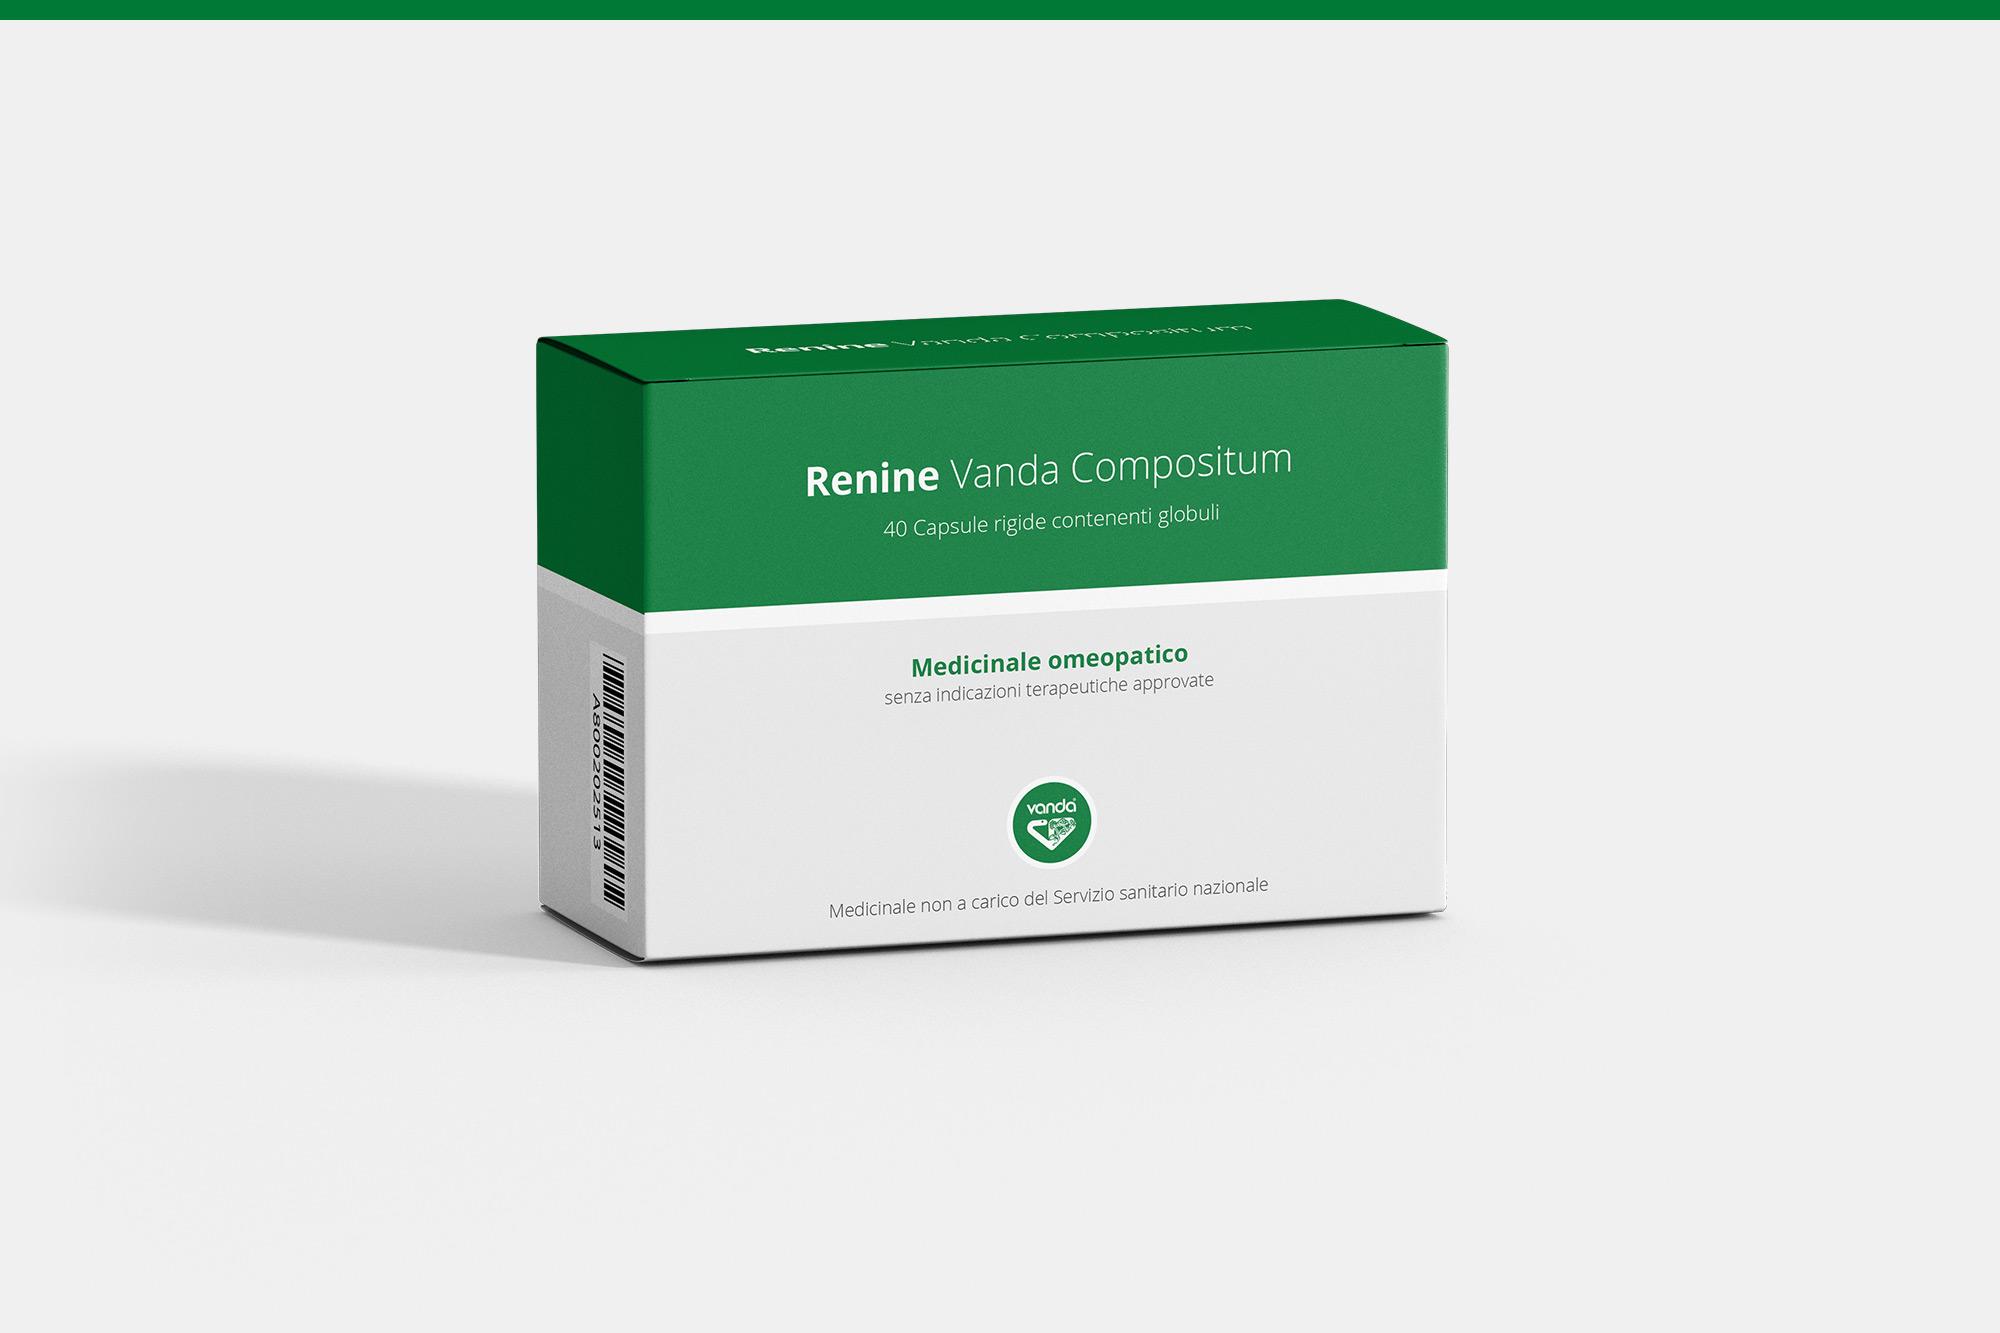 Renine Vanda Compositum